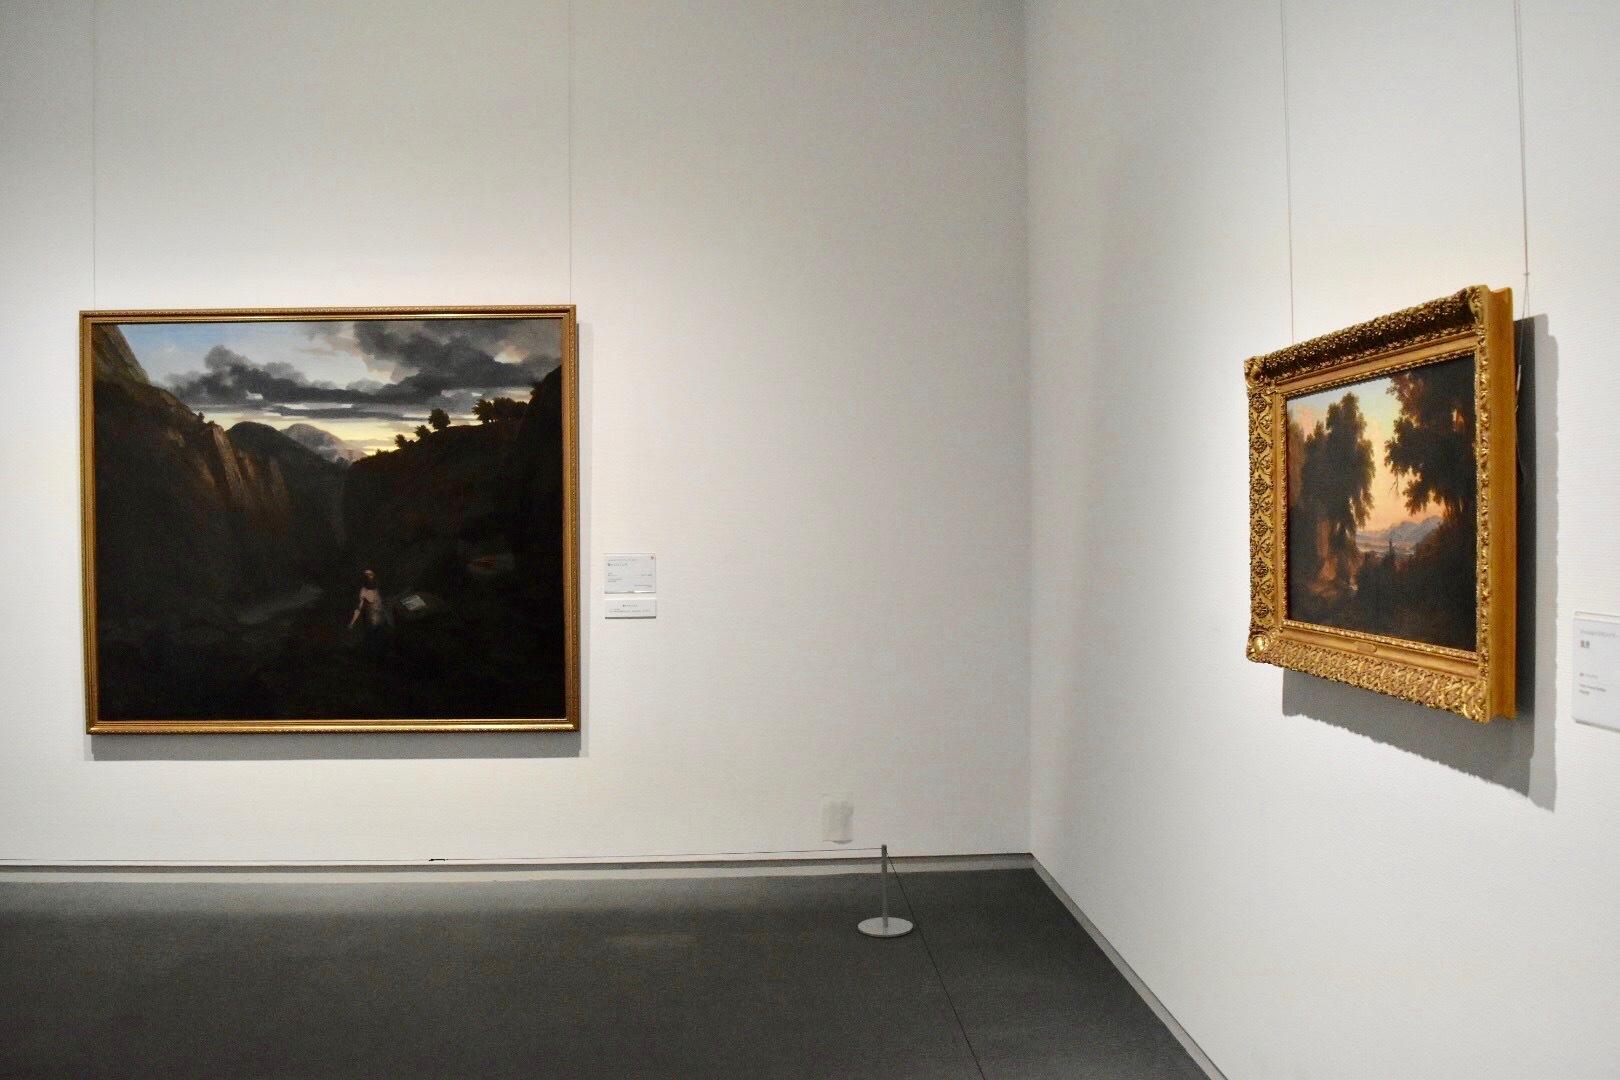 左:シャルル=フランソワ・ドービニー 《聖ヒエロニムス》 1840年 アミアン、ピカルディー美術館蔵 右:同画家 《風景》 ベルネー市立美術館蔵